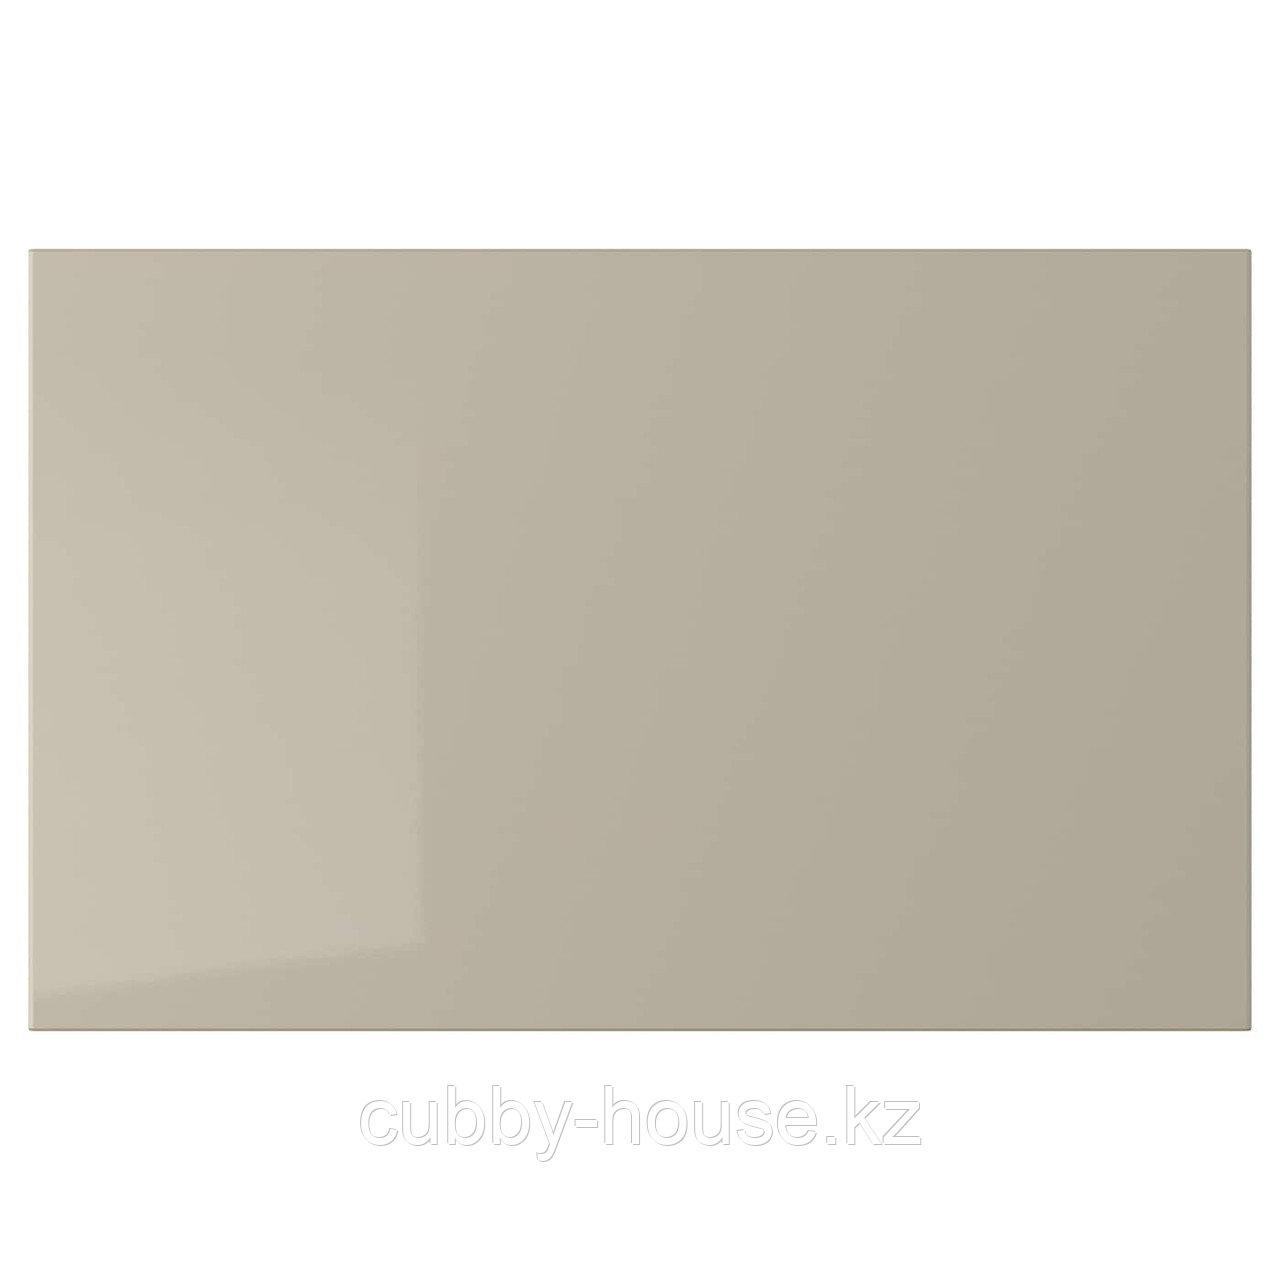 СЕЛЬСВИКЕН Дверь/фронтальная панель ящика, глянцевый темный красно-коричневый, 60x38 см